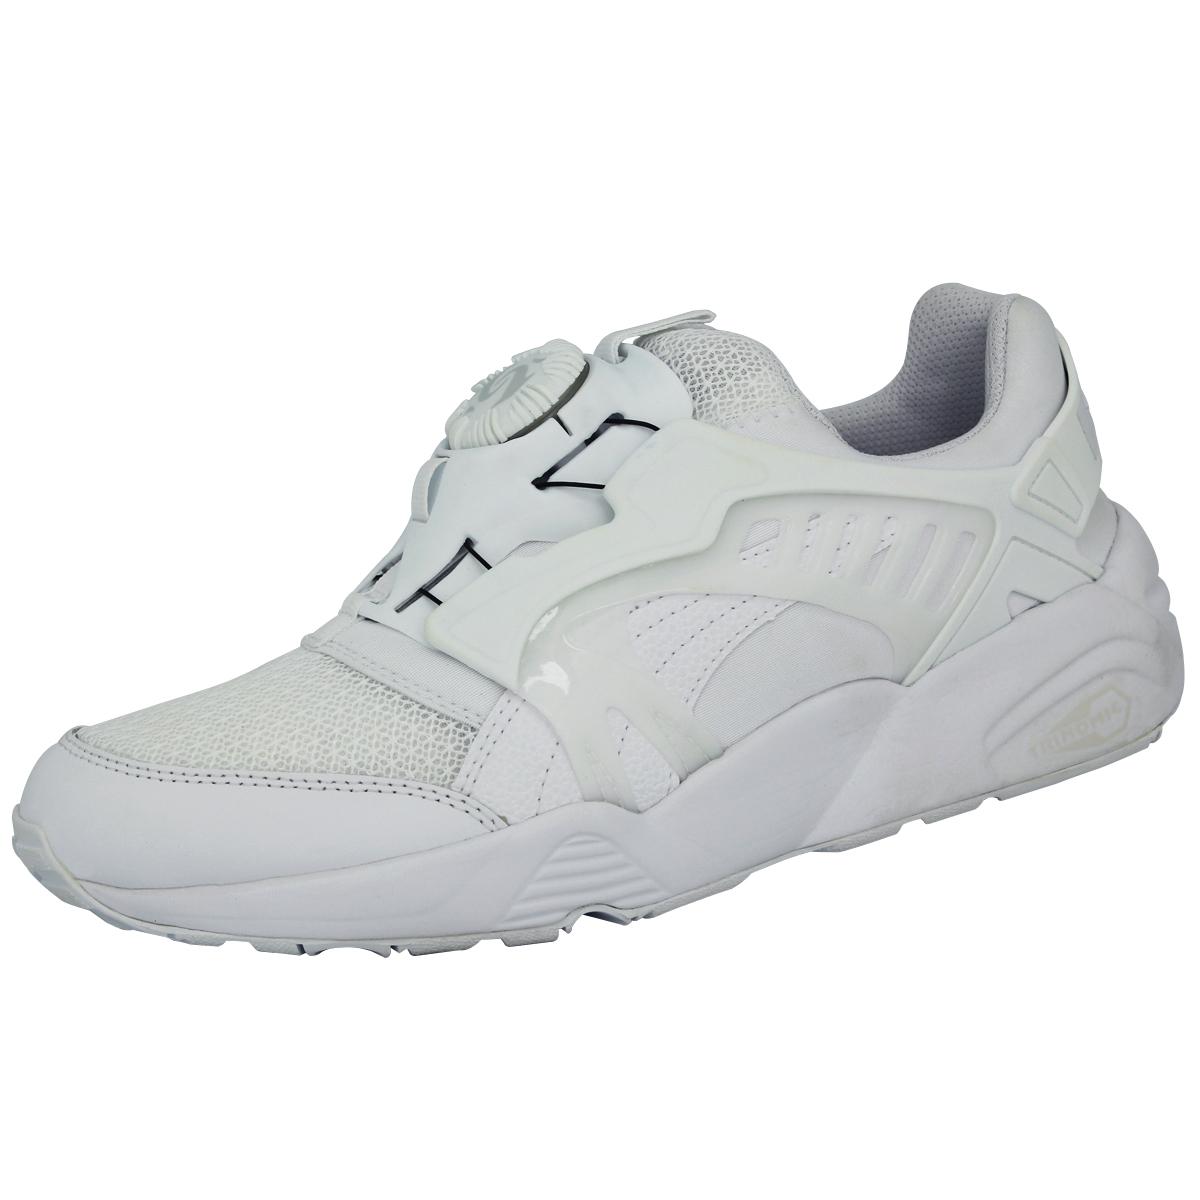 Détails sur Puma DISC BLAZE CT Chaussures Mode Sneakers Homme Blanc